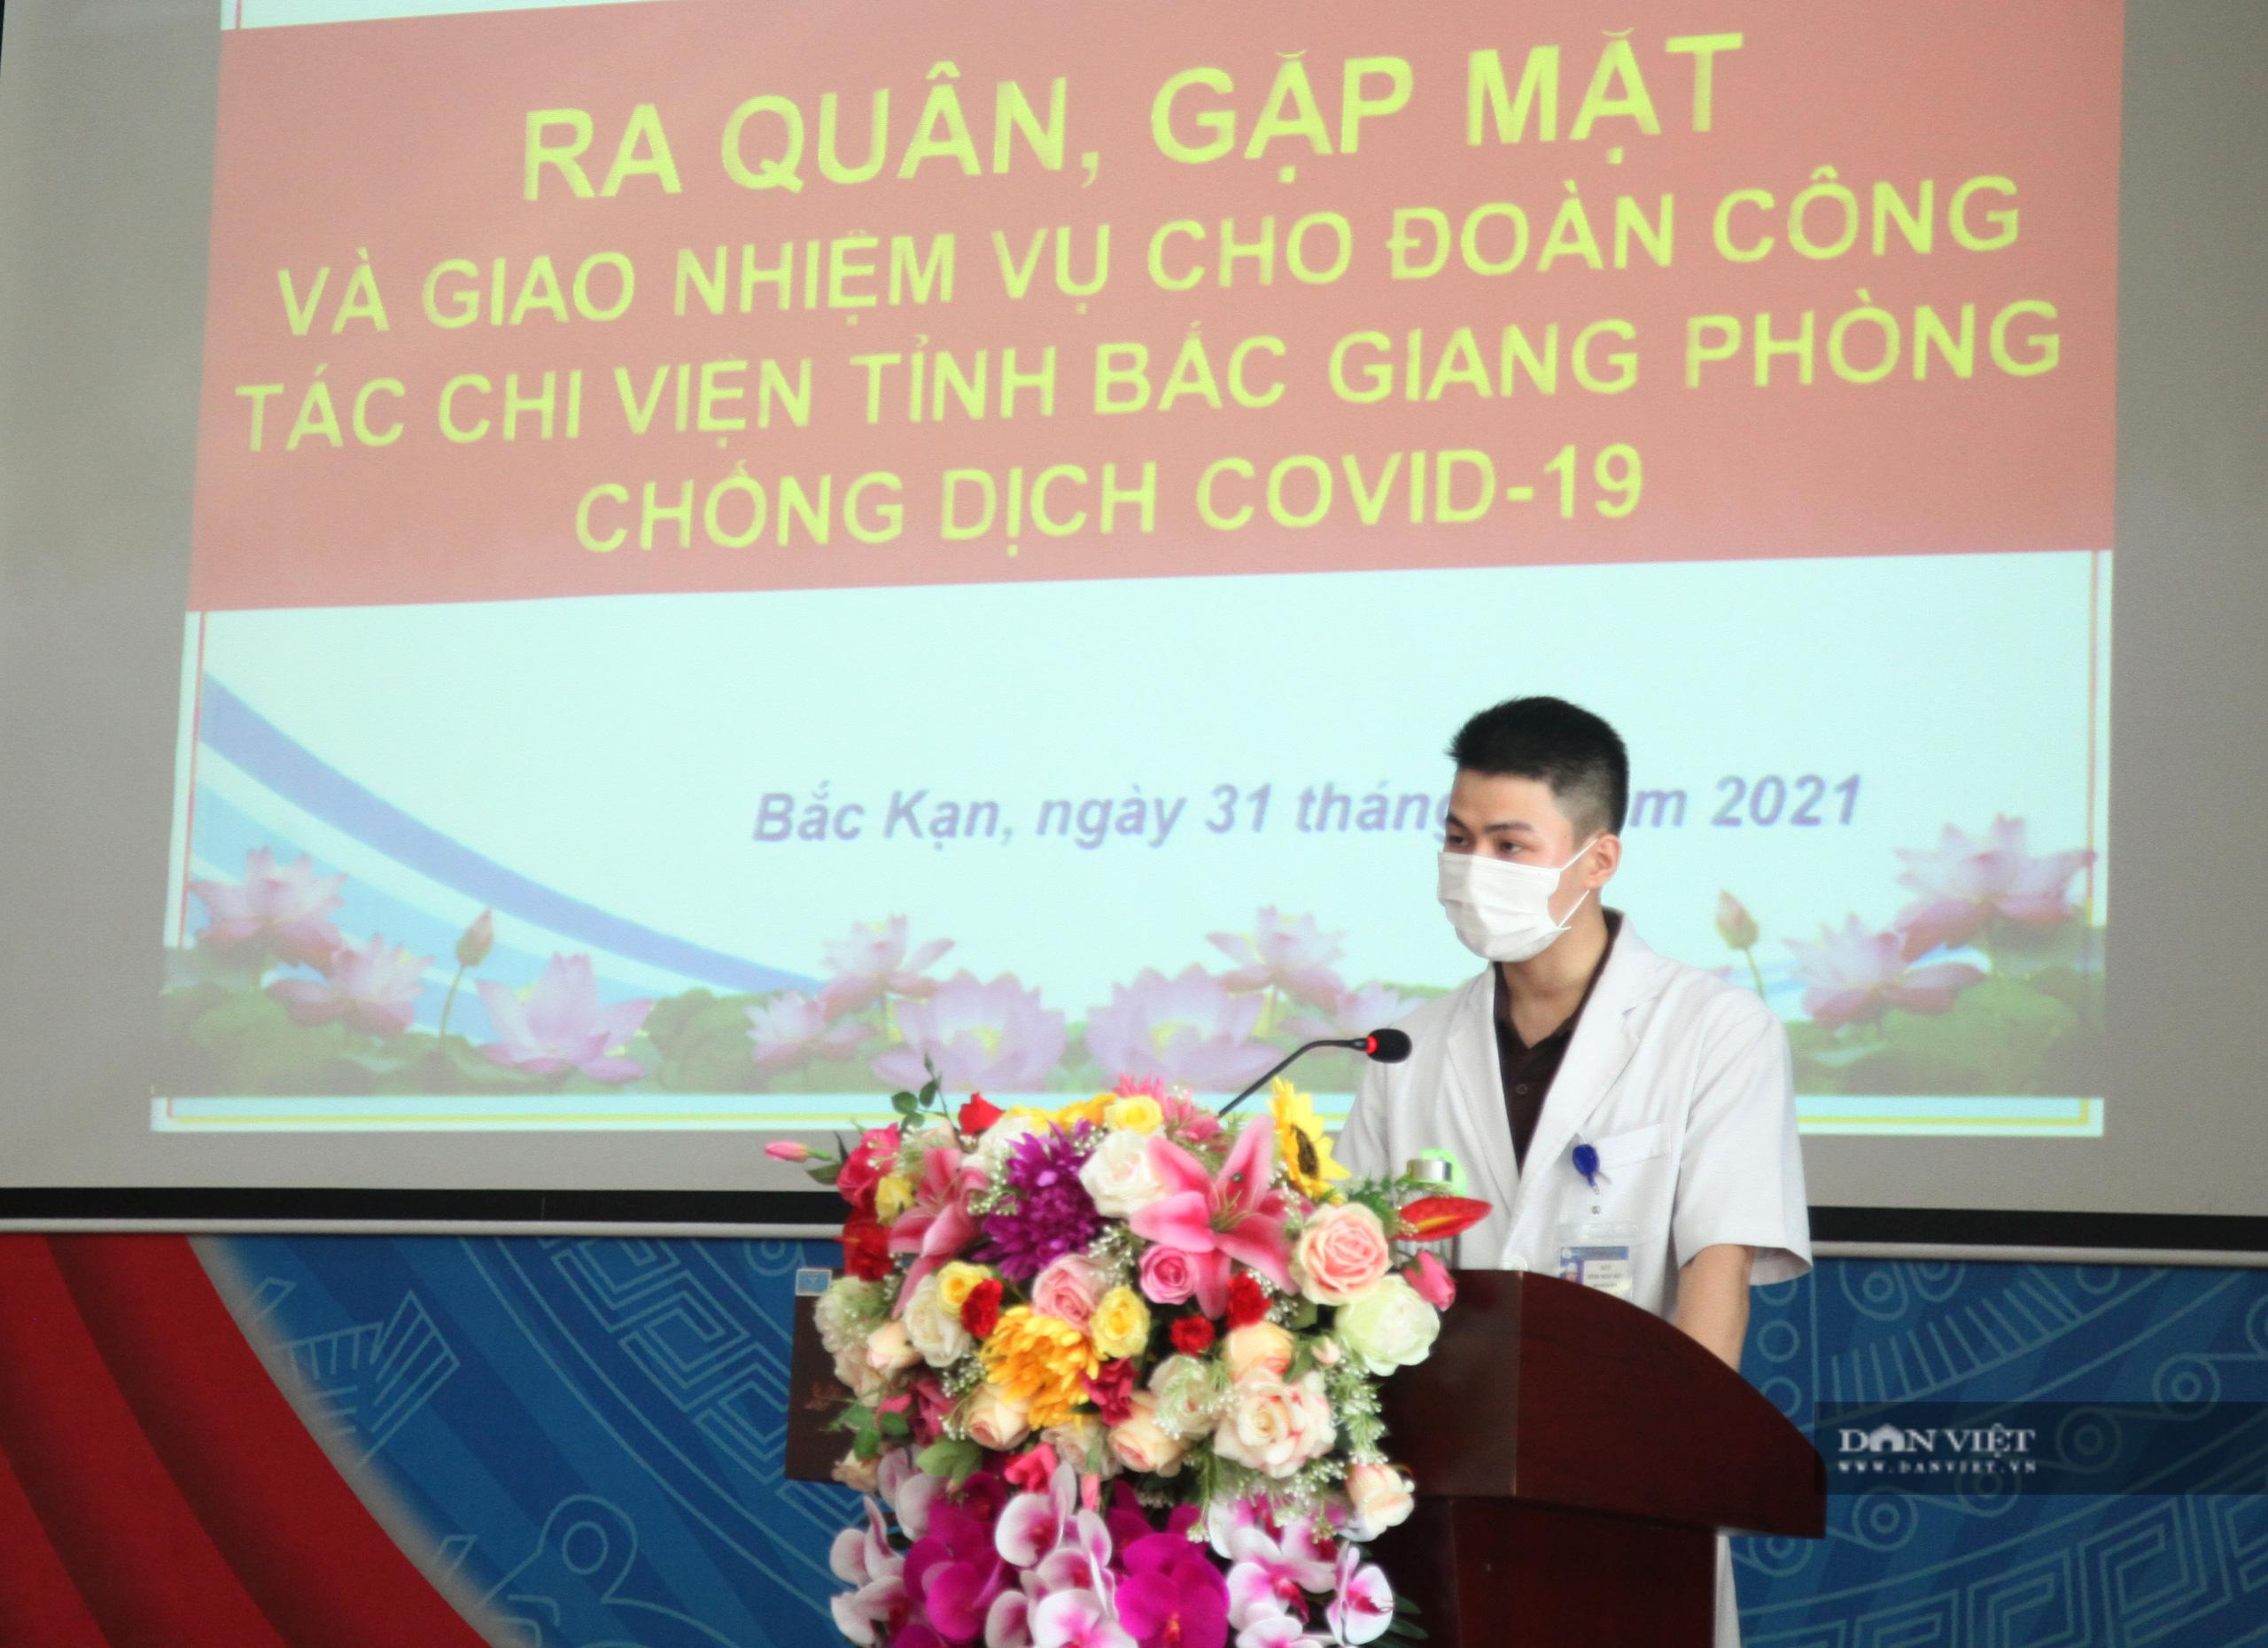 Bắc Kạn: 12 bác sỹ sẽ lên đường chi viện cho Bắc Giang - Ảnh 3.